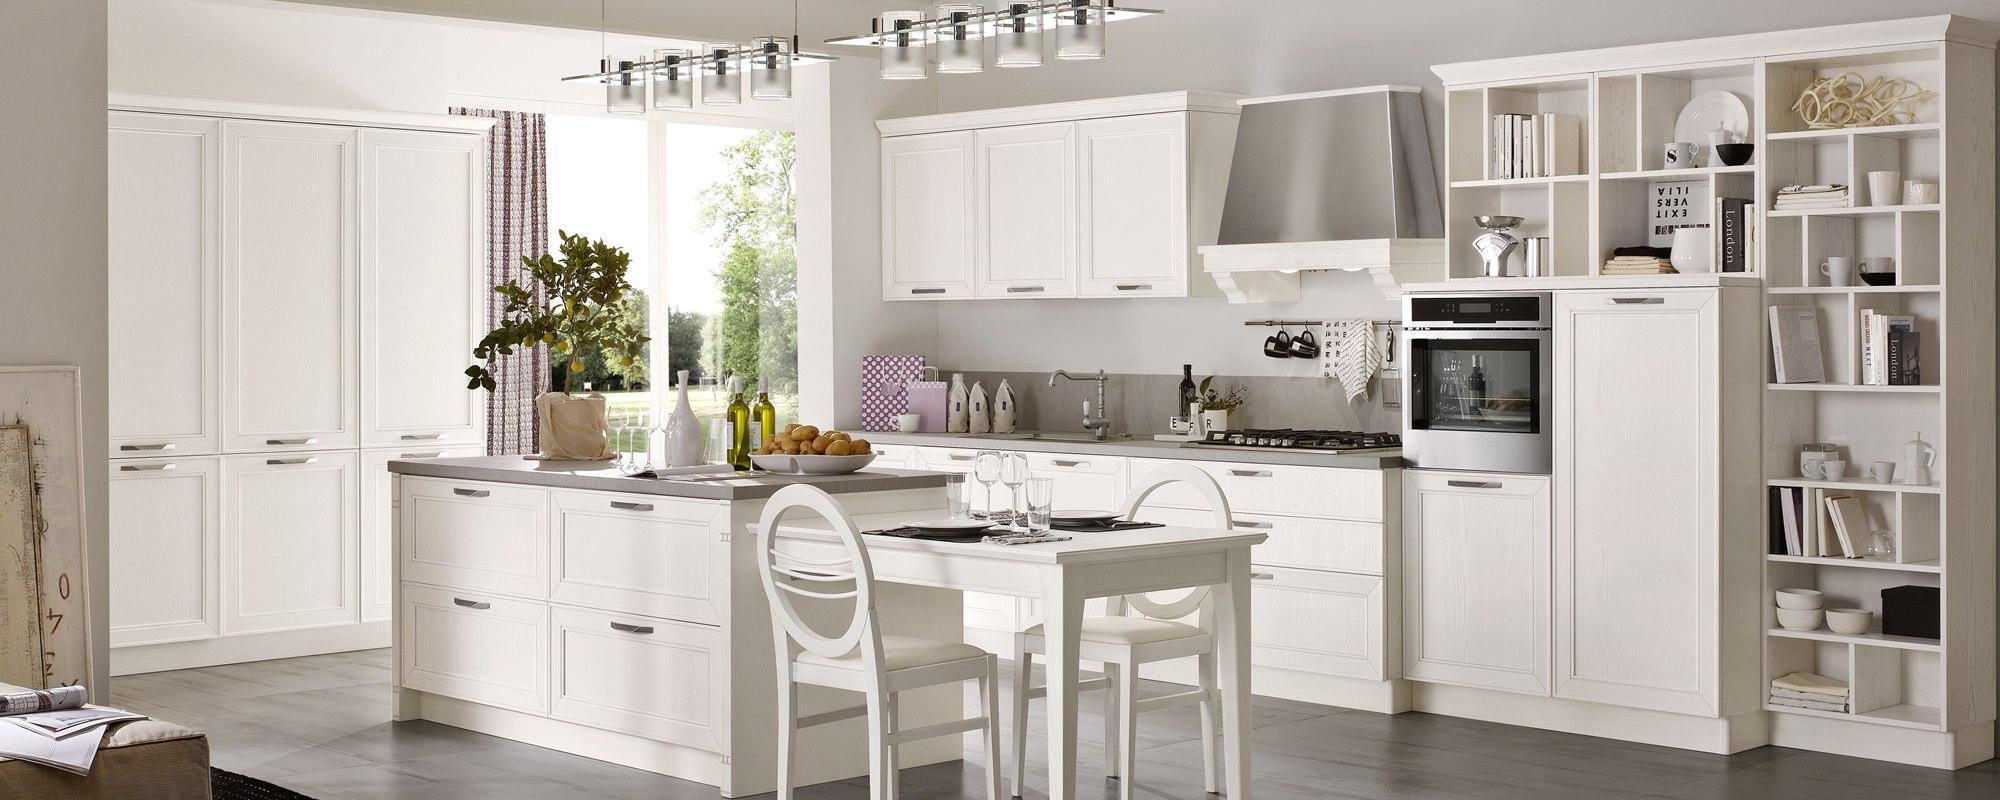 Maxim cucine stosa for Cucine classiche stosa